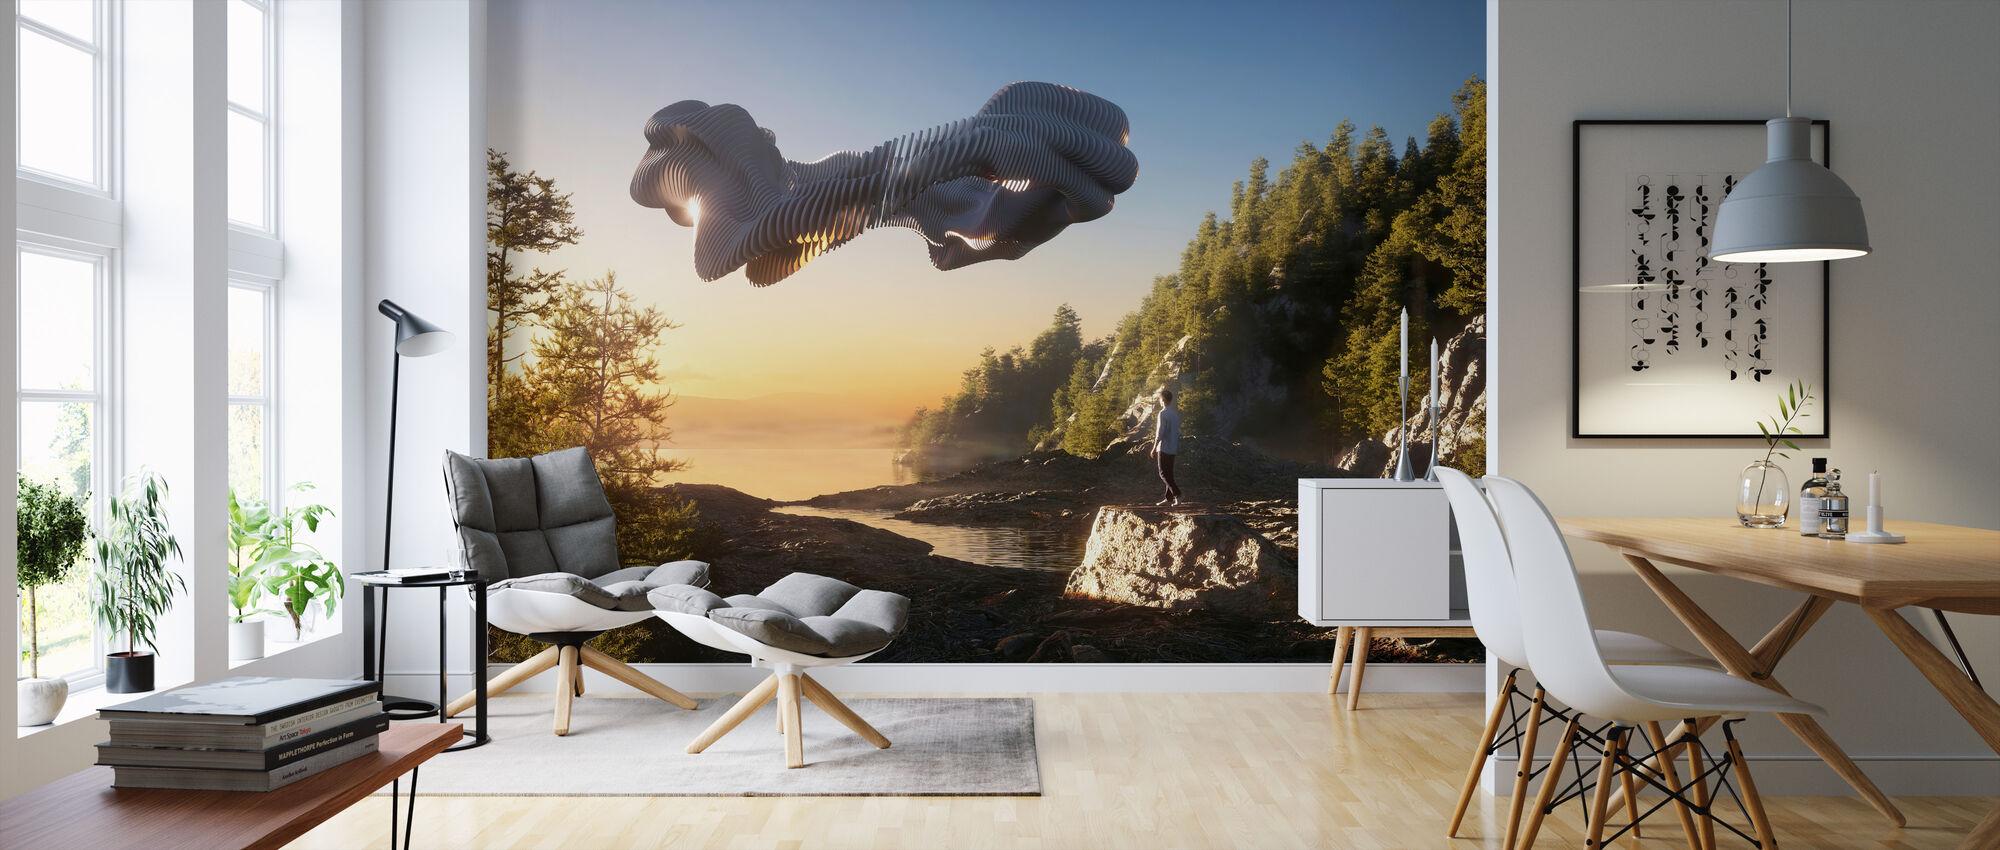 Elixir - Wallpaper - Living Room